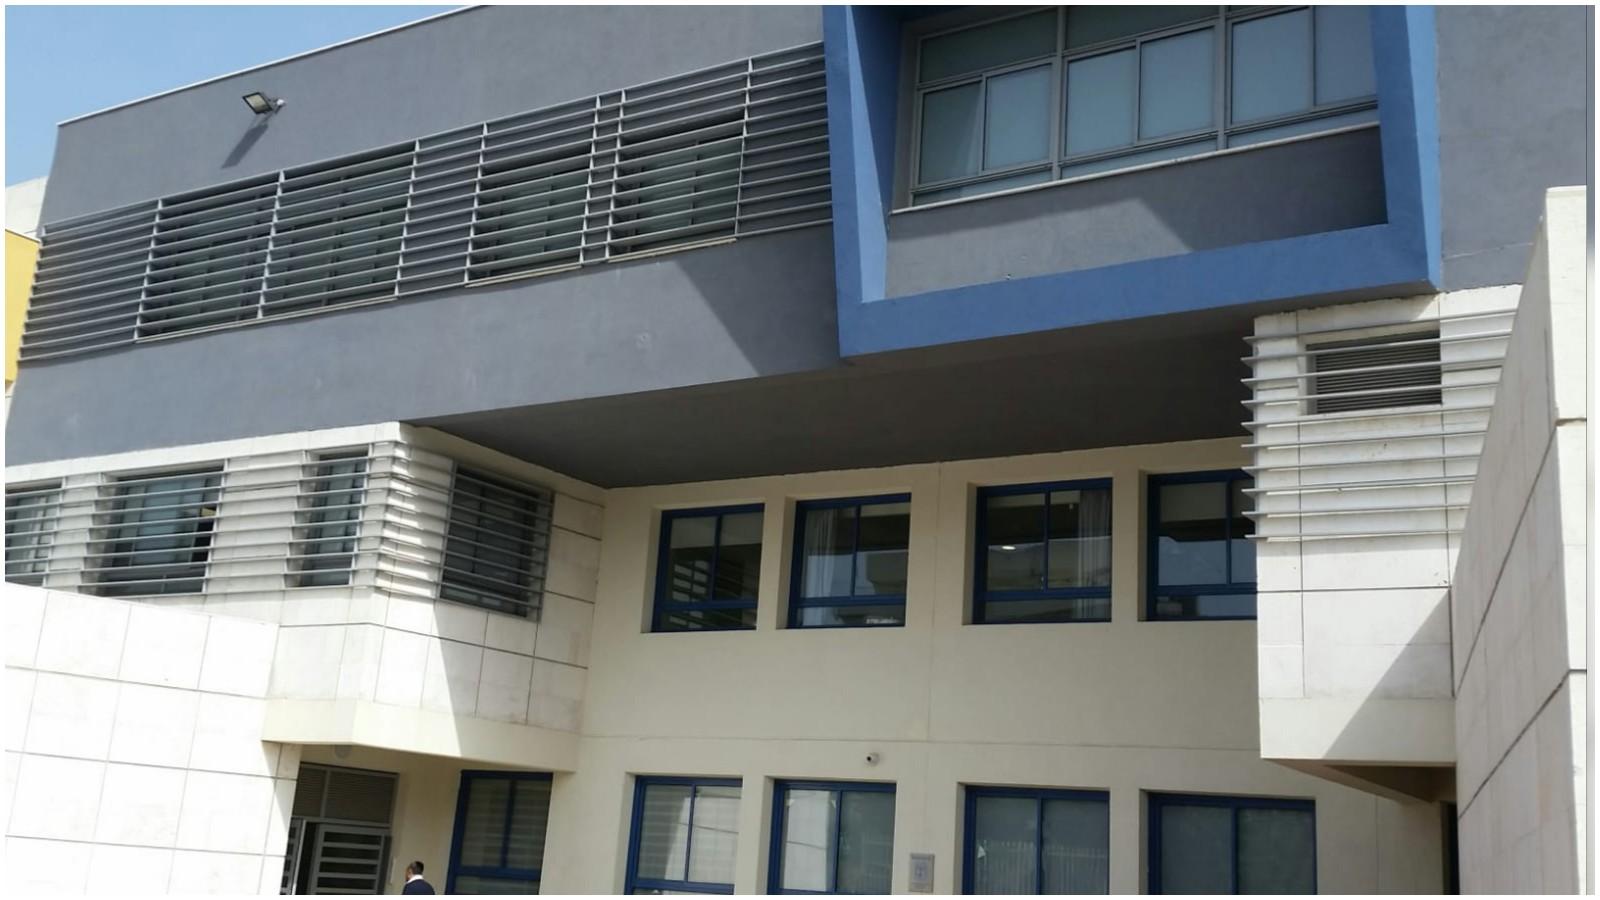 בית ספר בית יהודה צילום זאב שטרן